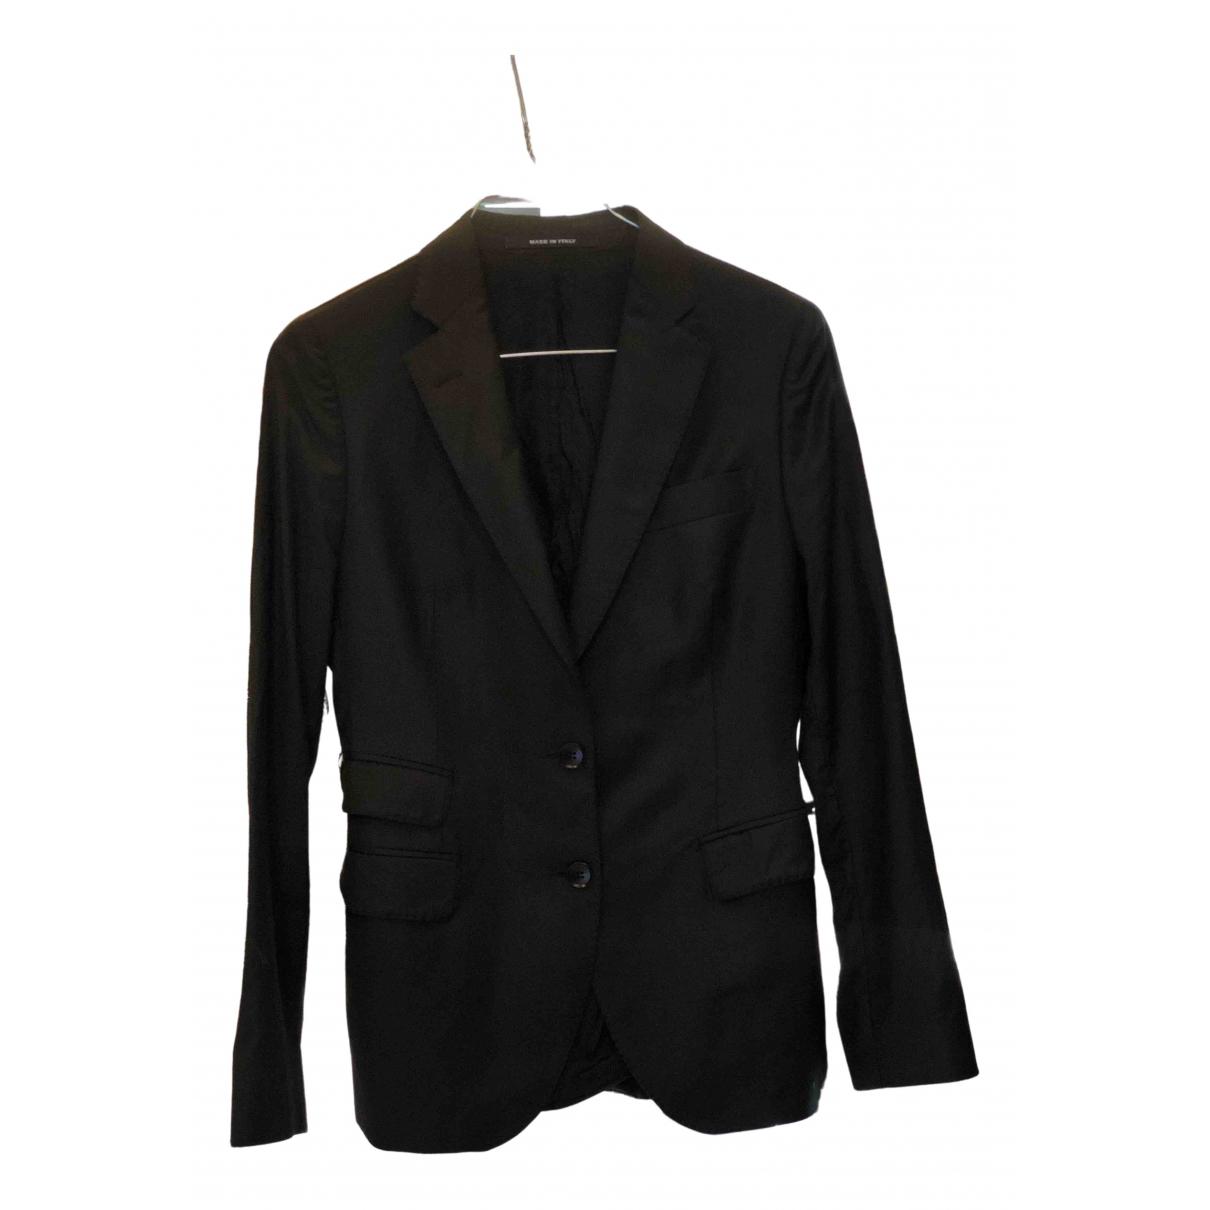 Tagliatore - Veste   pour femme en laine - noir